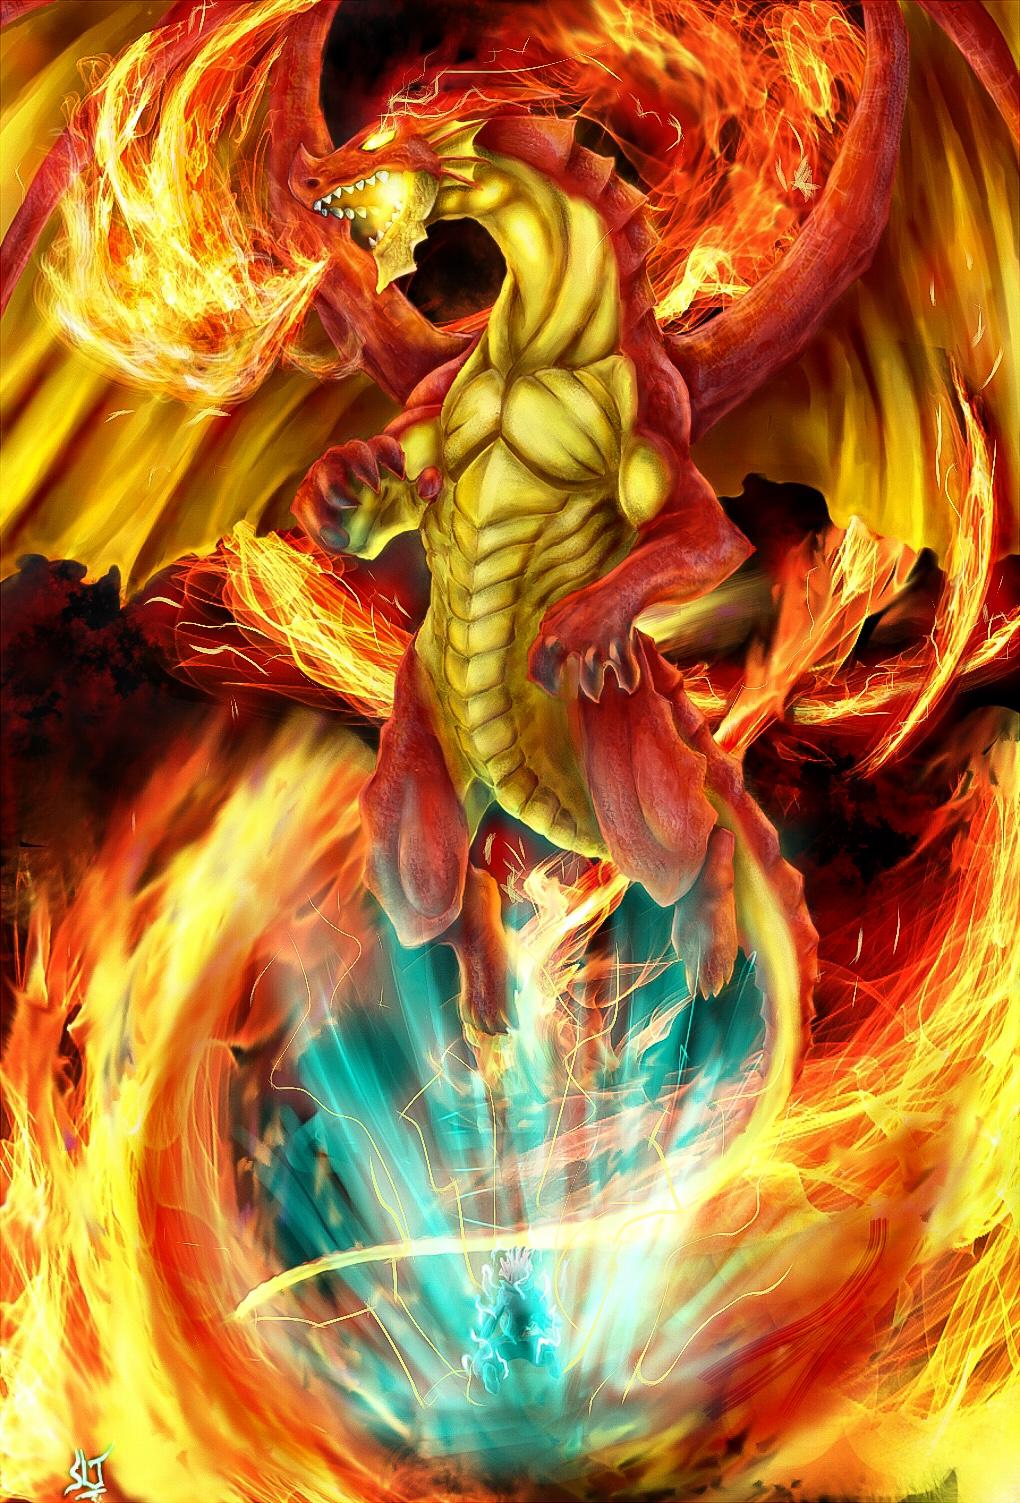 Natsu Dragon Slayer Mode